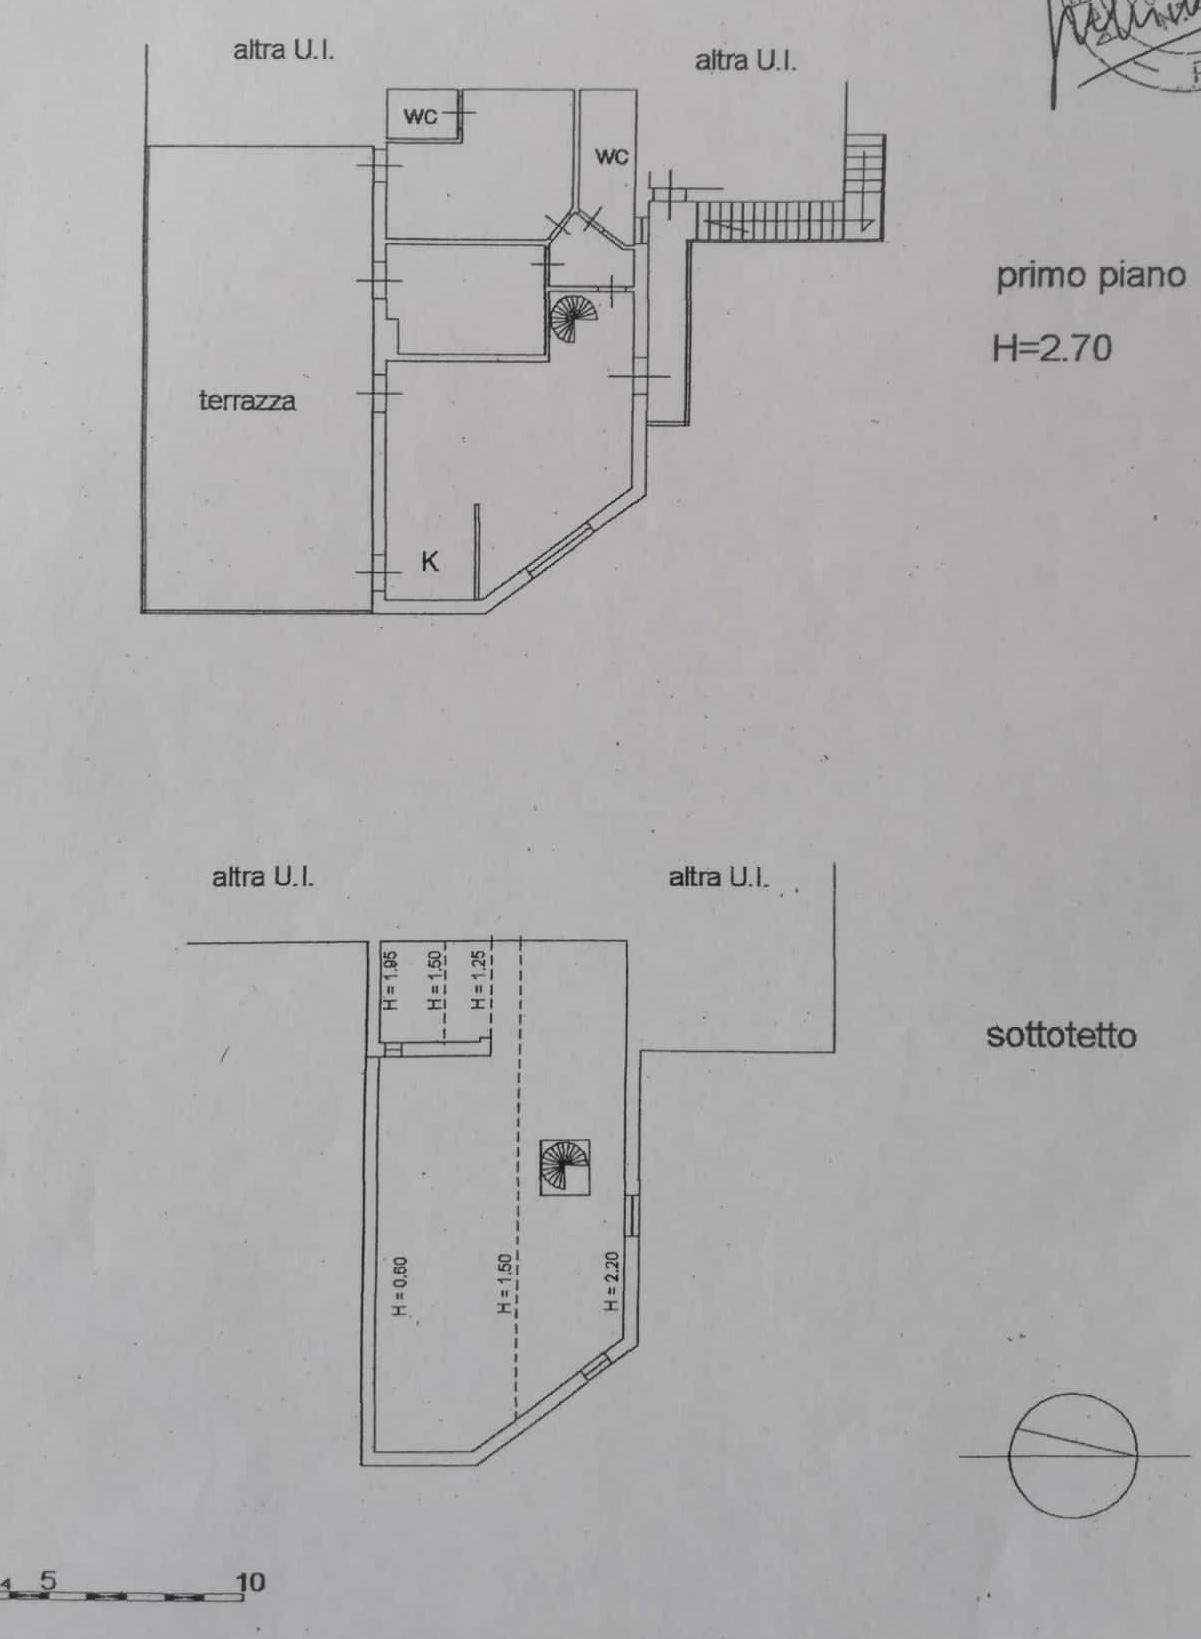 Plan 1/2 for ref. att100